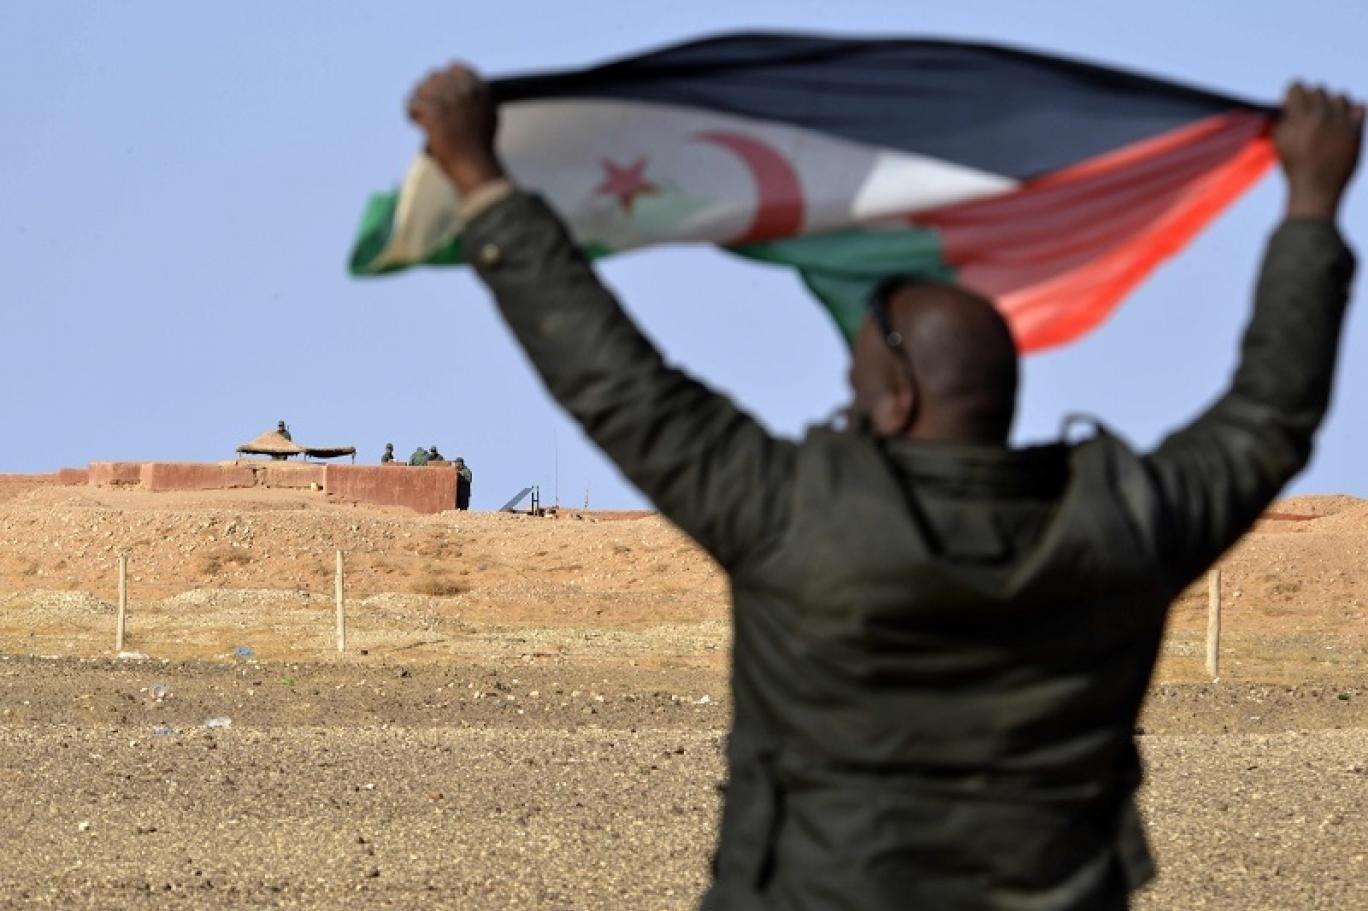 رجل صحراوي يرفع علم جبهة البوليساريو في منطقة المحبس بالقرب من جنود مغاربة يحرسون الجدار الفاصل بين الصحراء الغربية والمغرب (أ ف ب)